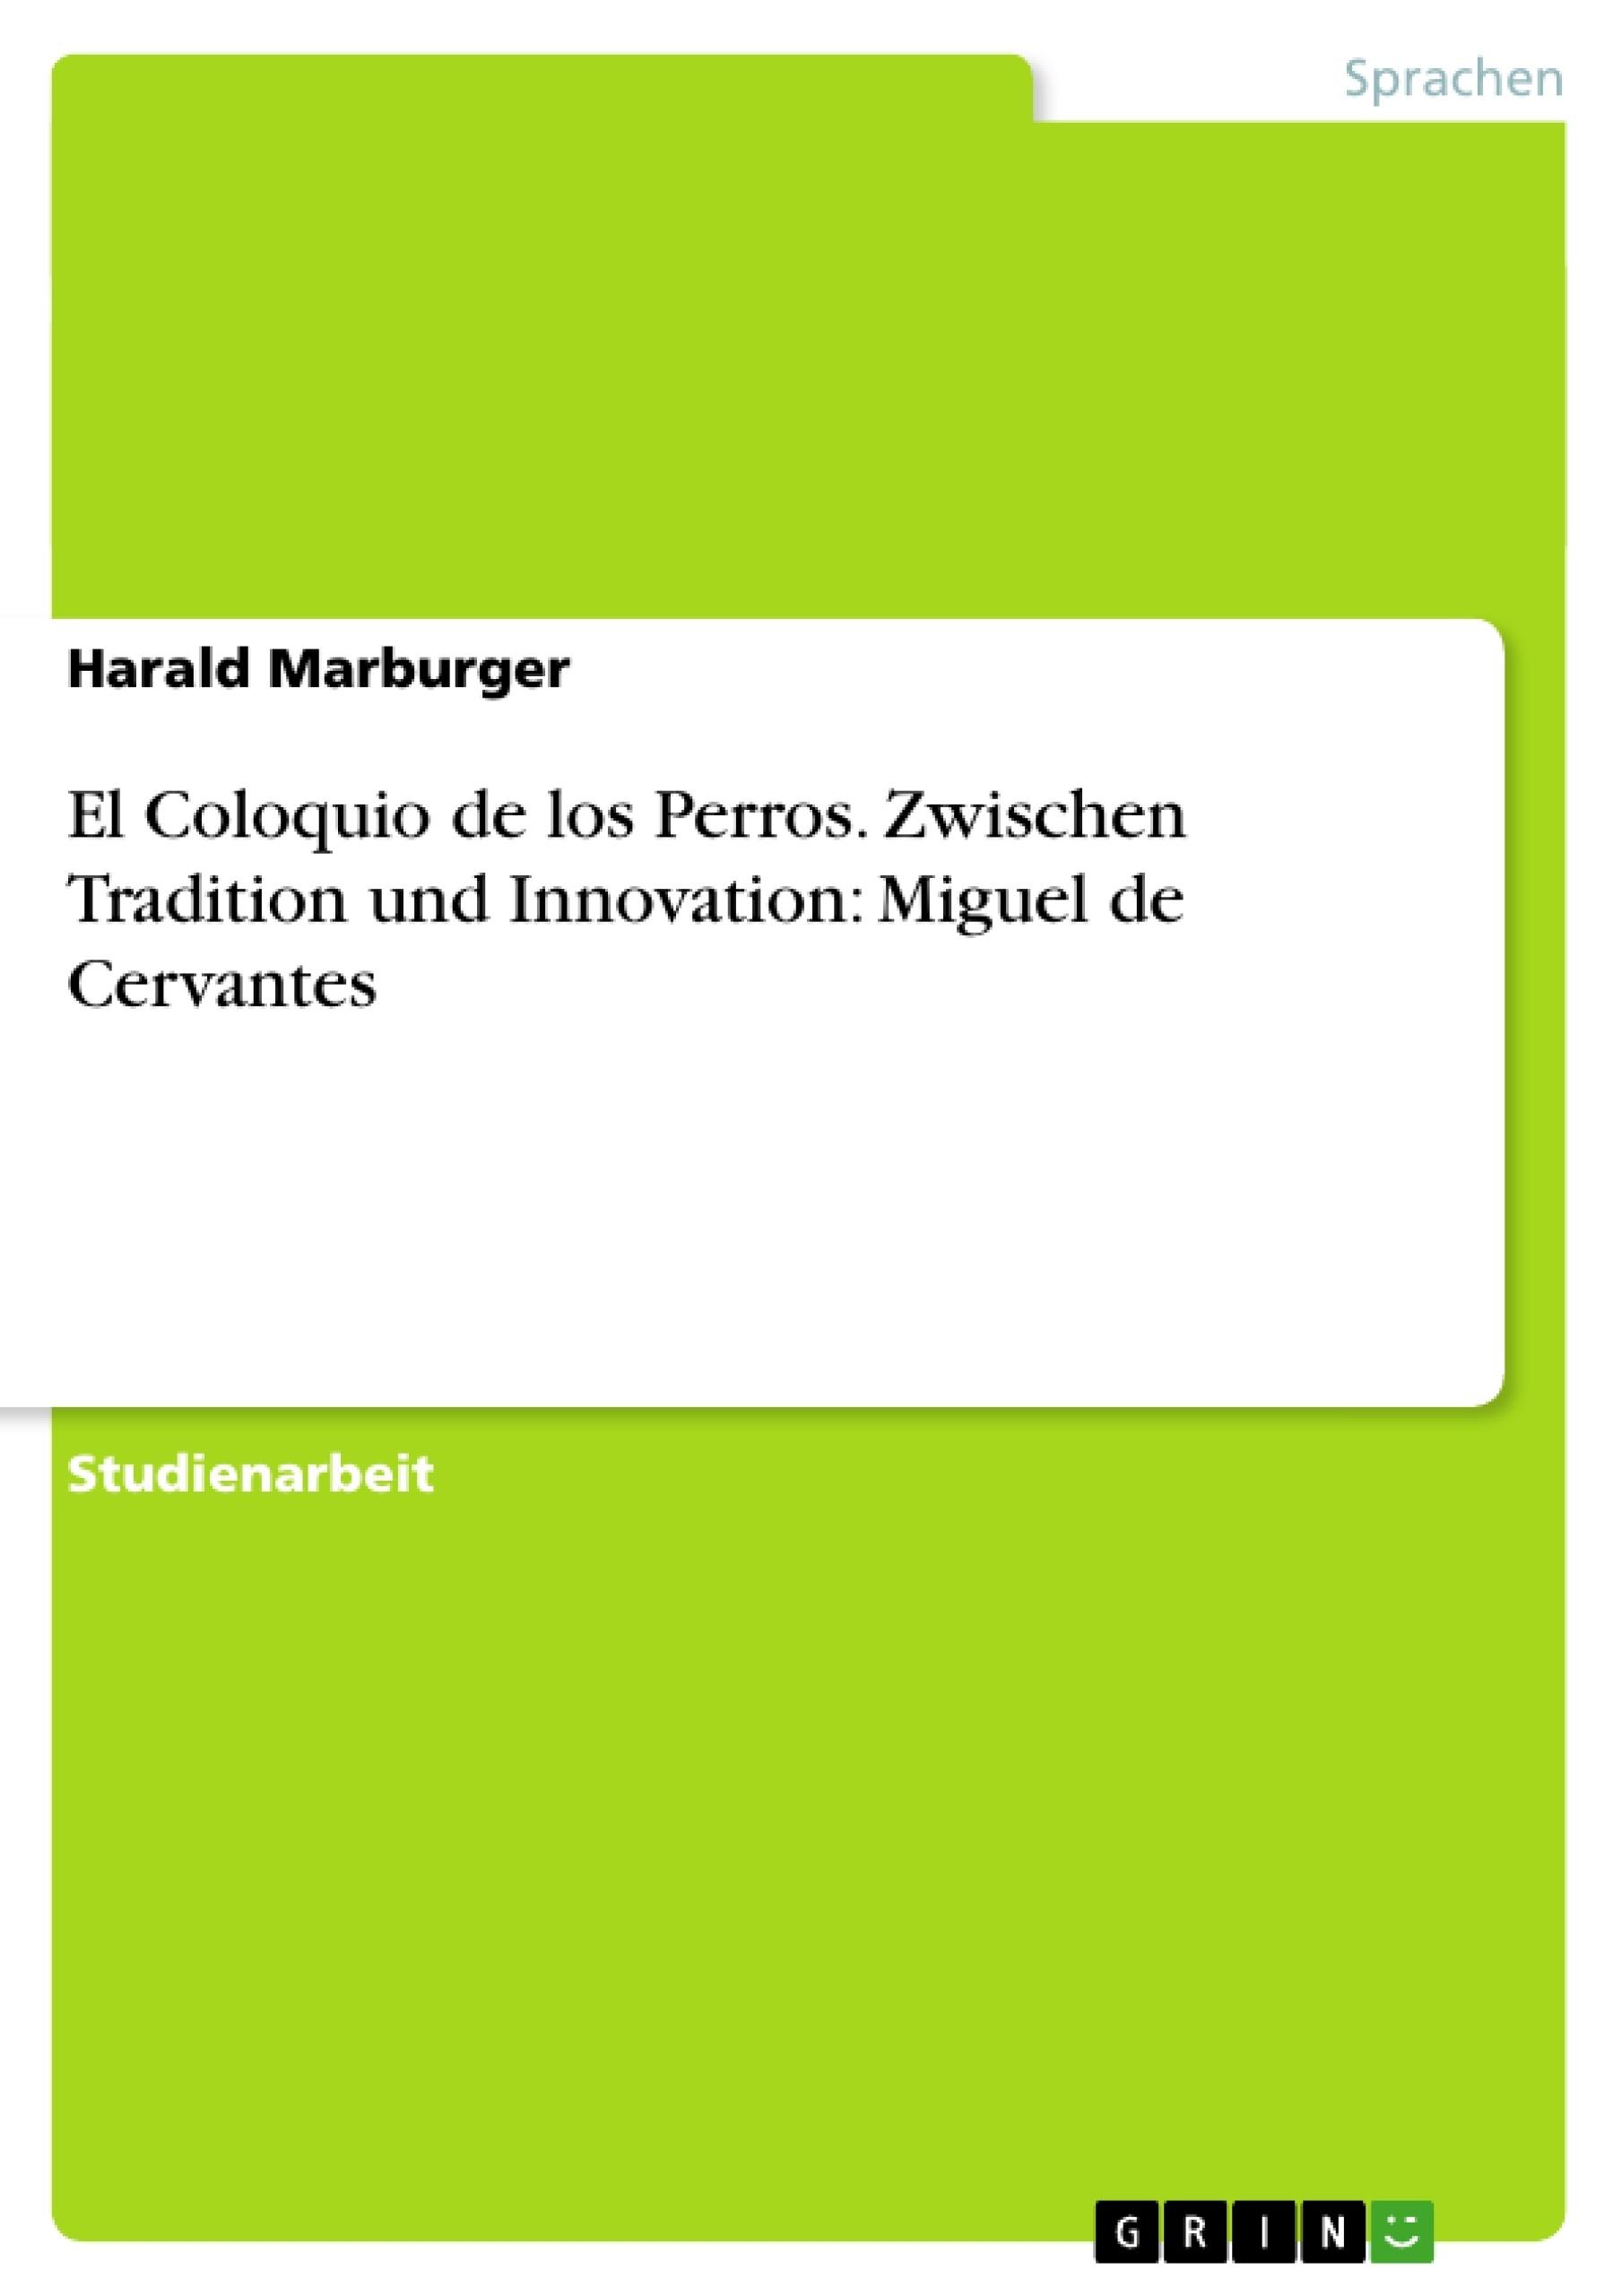 Titel: El Coloquio de los Perros. Zwischen Tradition  und Innovation: Miguel de Cervantes